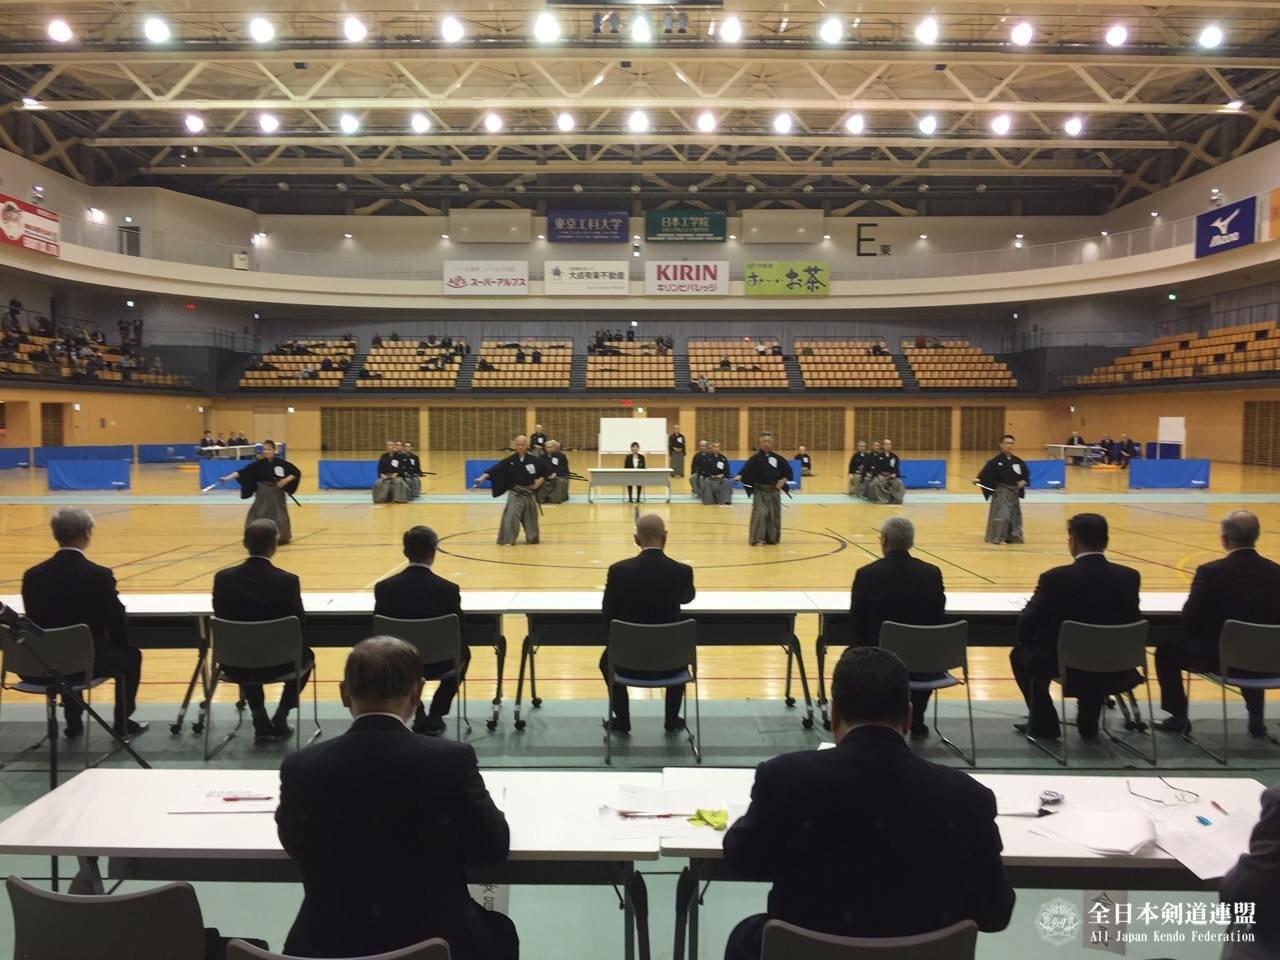 Аттестация на 8-й дан иайдо прошла в Токио